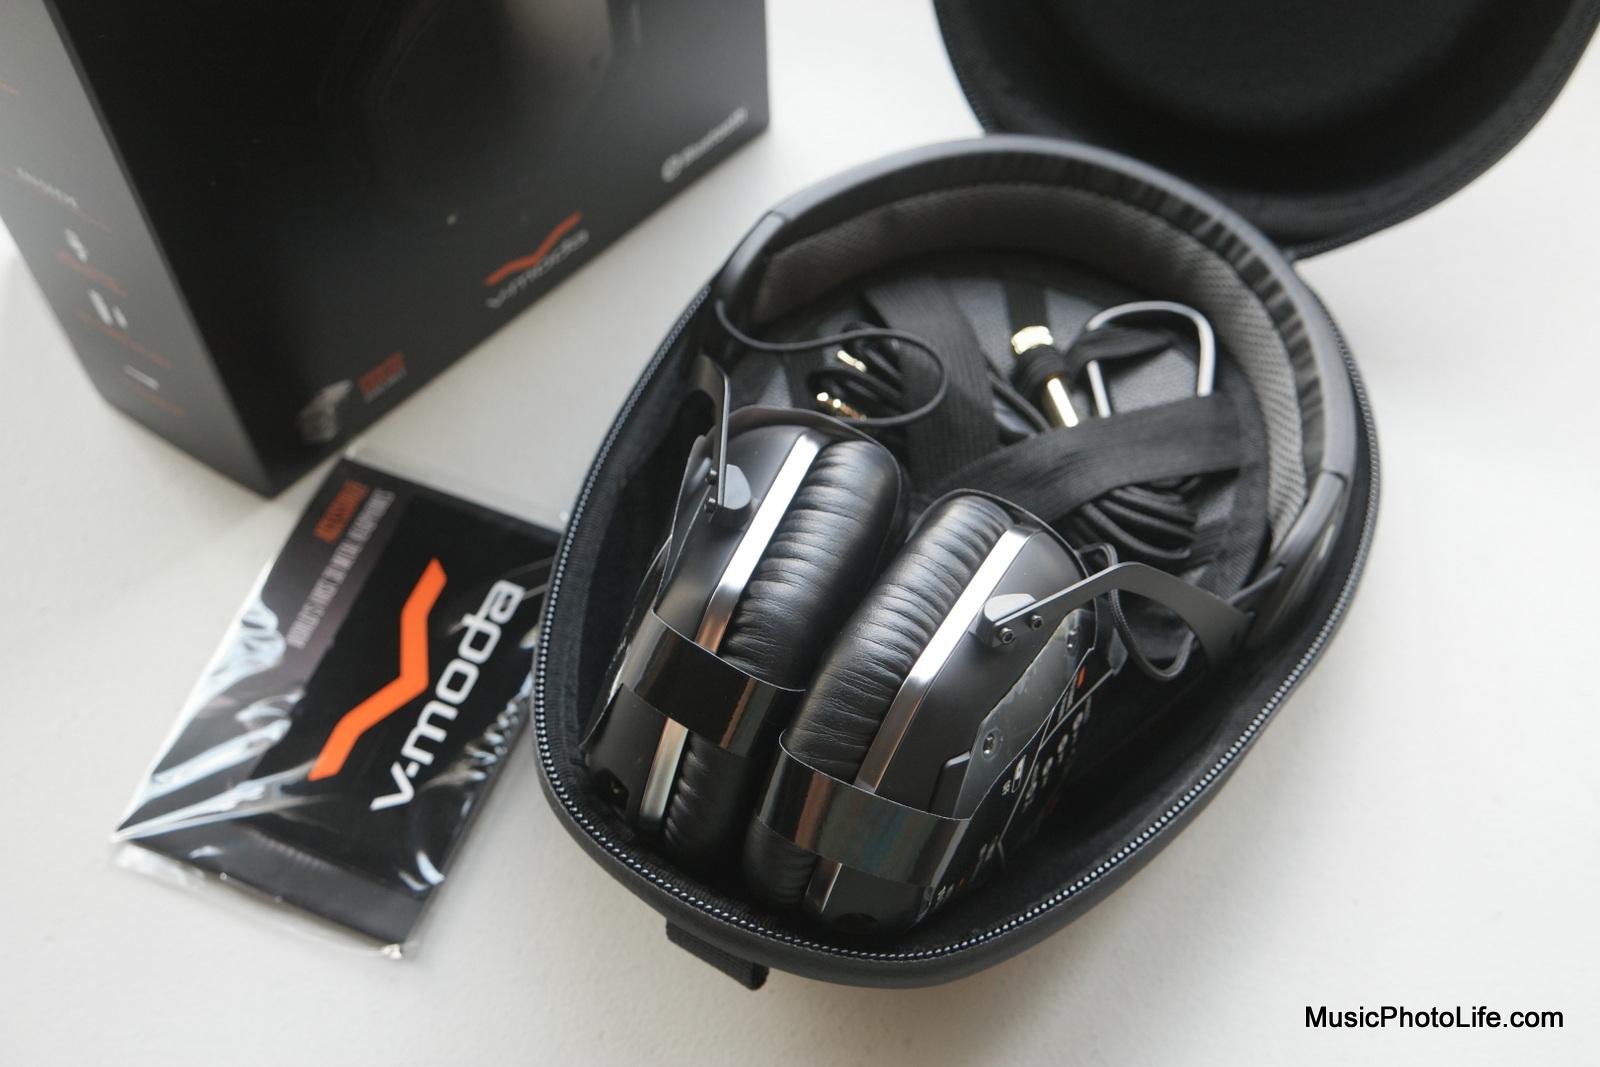 V-MODA Crossfade Wireless in carry case